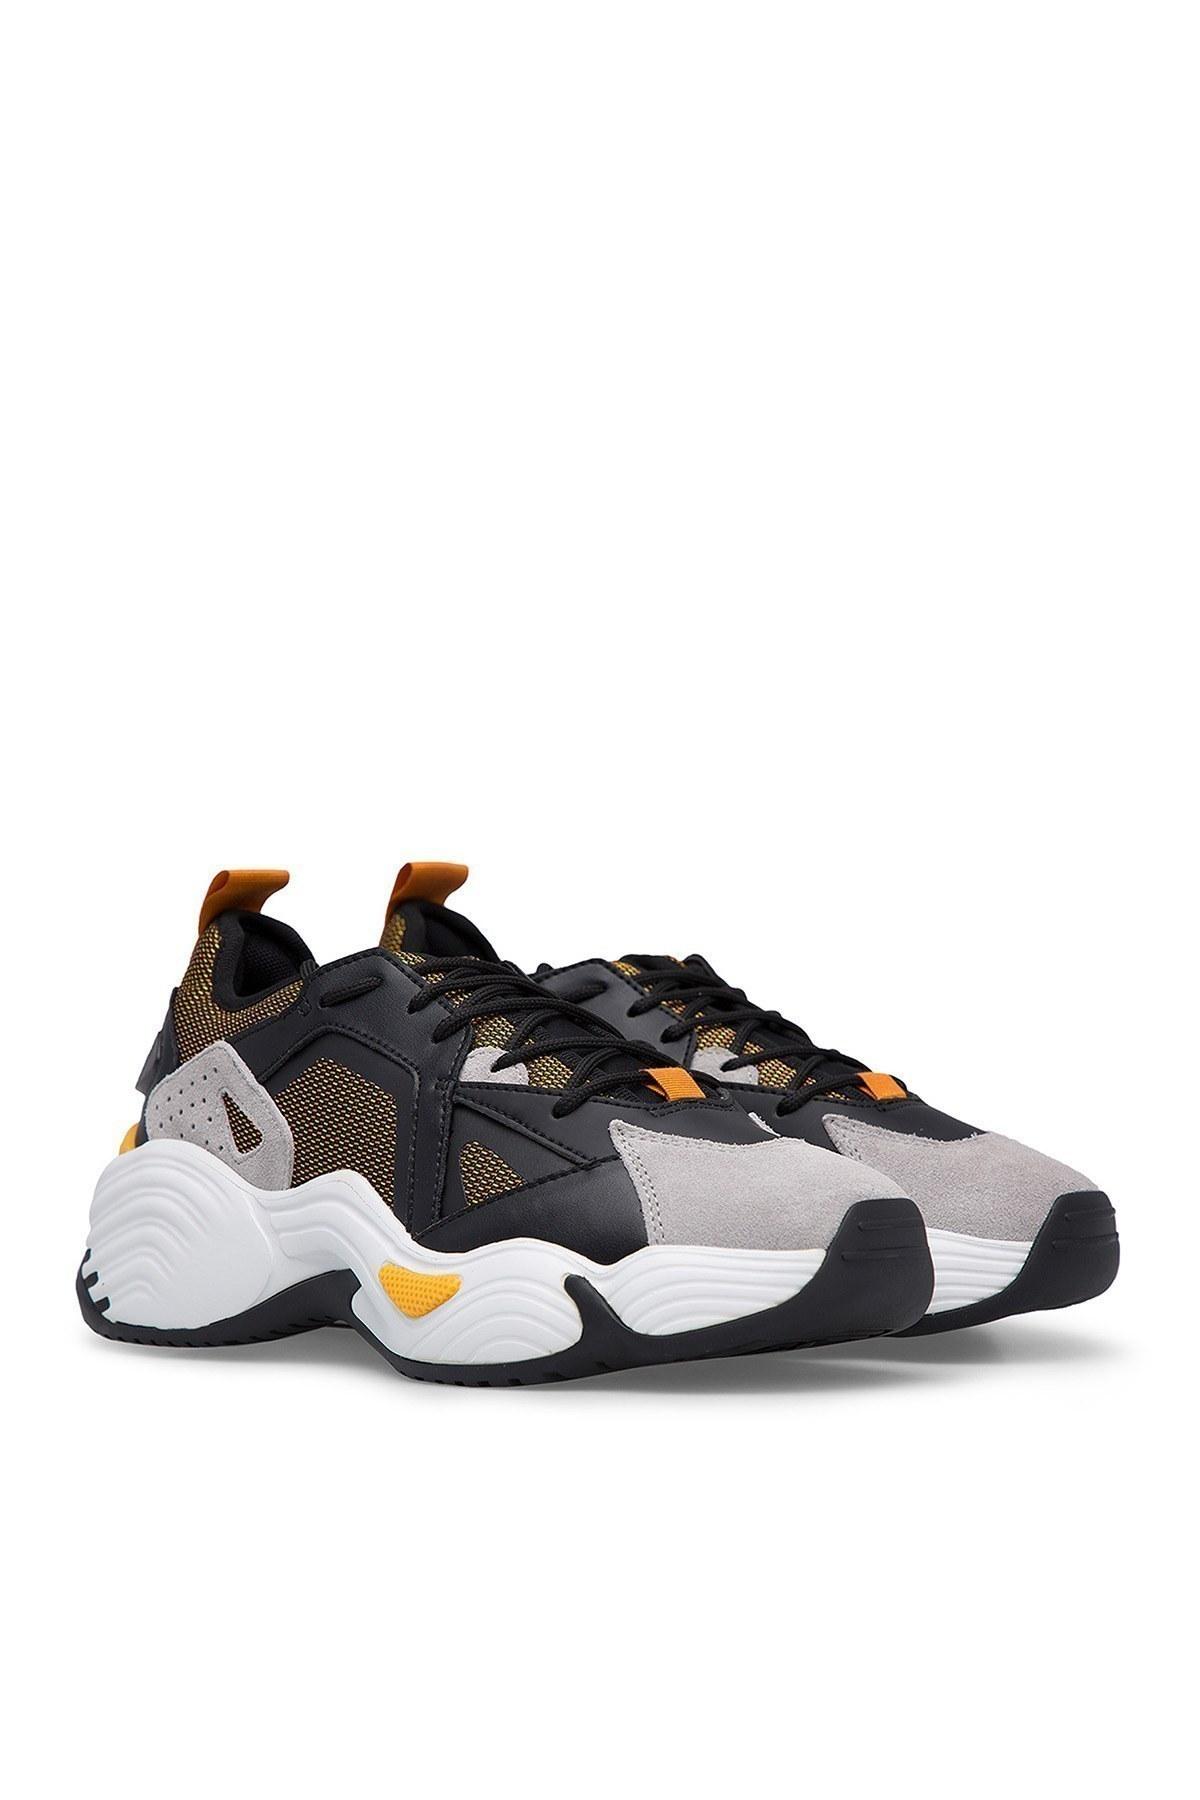 Emporio Armani Erkek Ayakkabı X4X286 XM072 C192 SİYAH